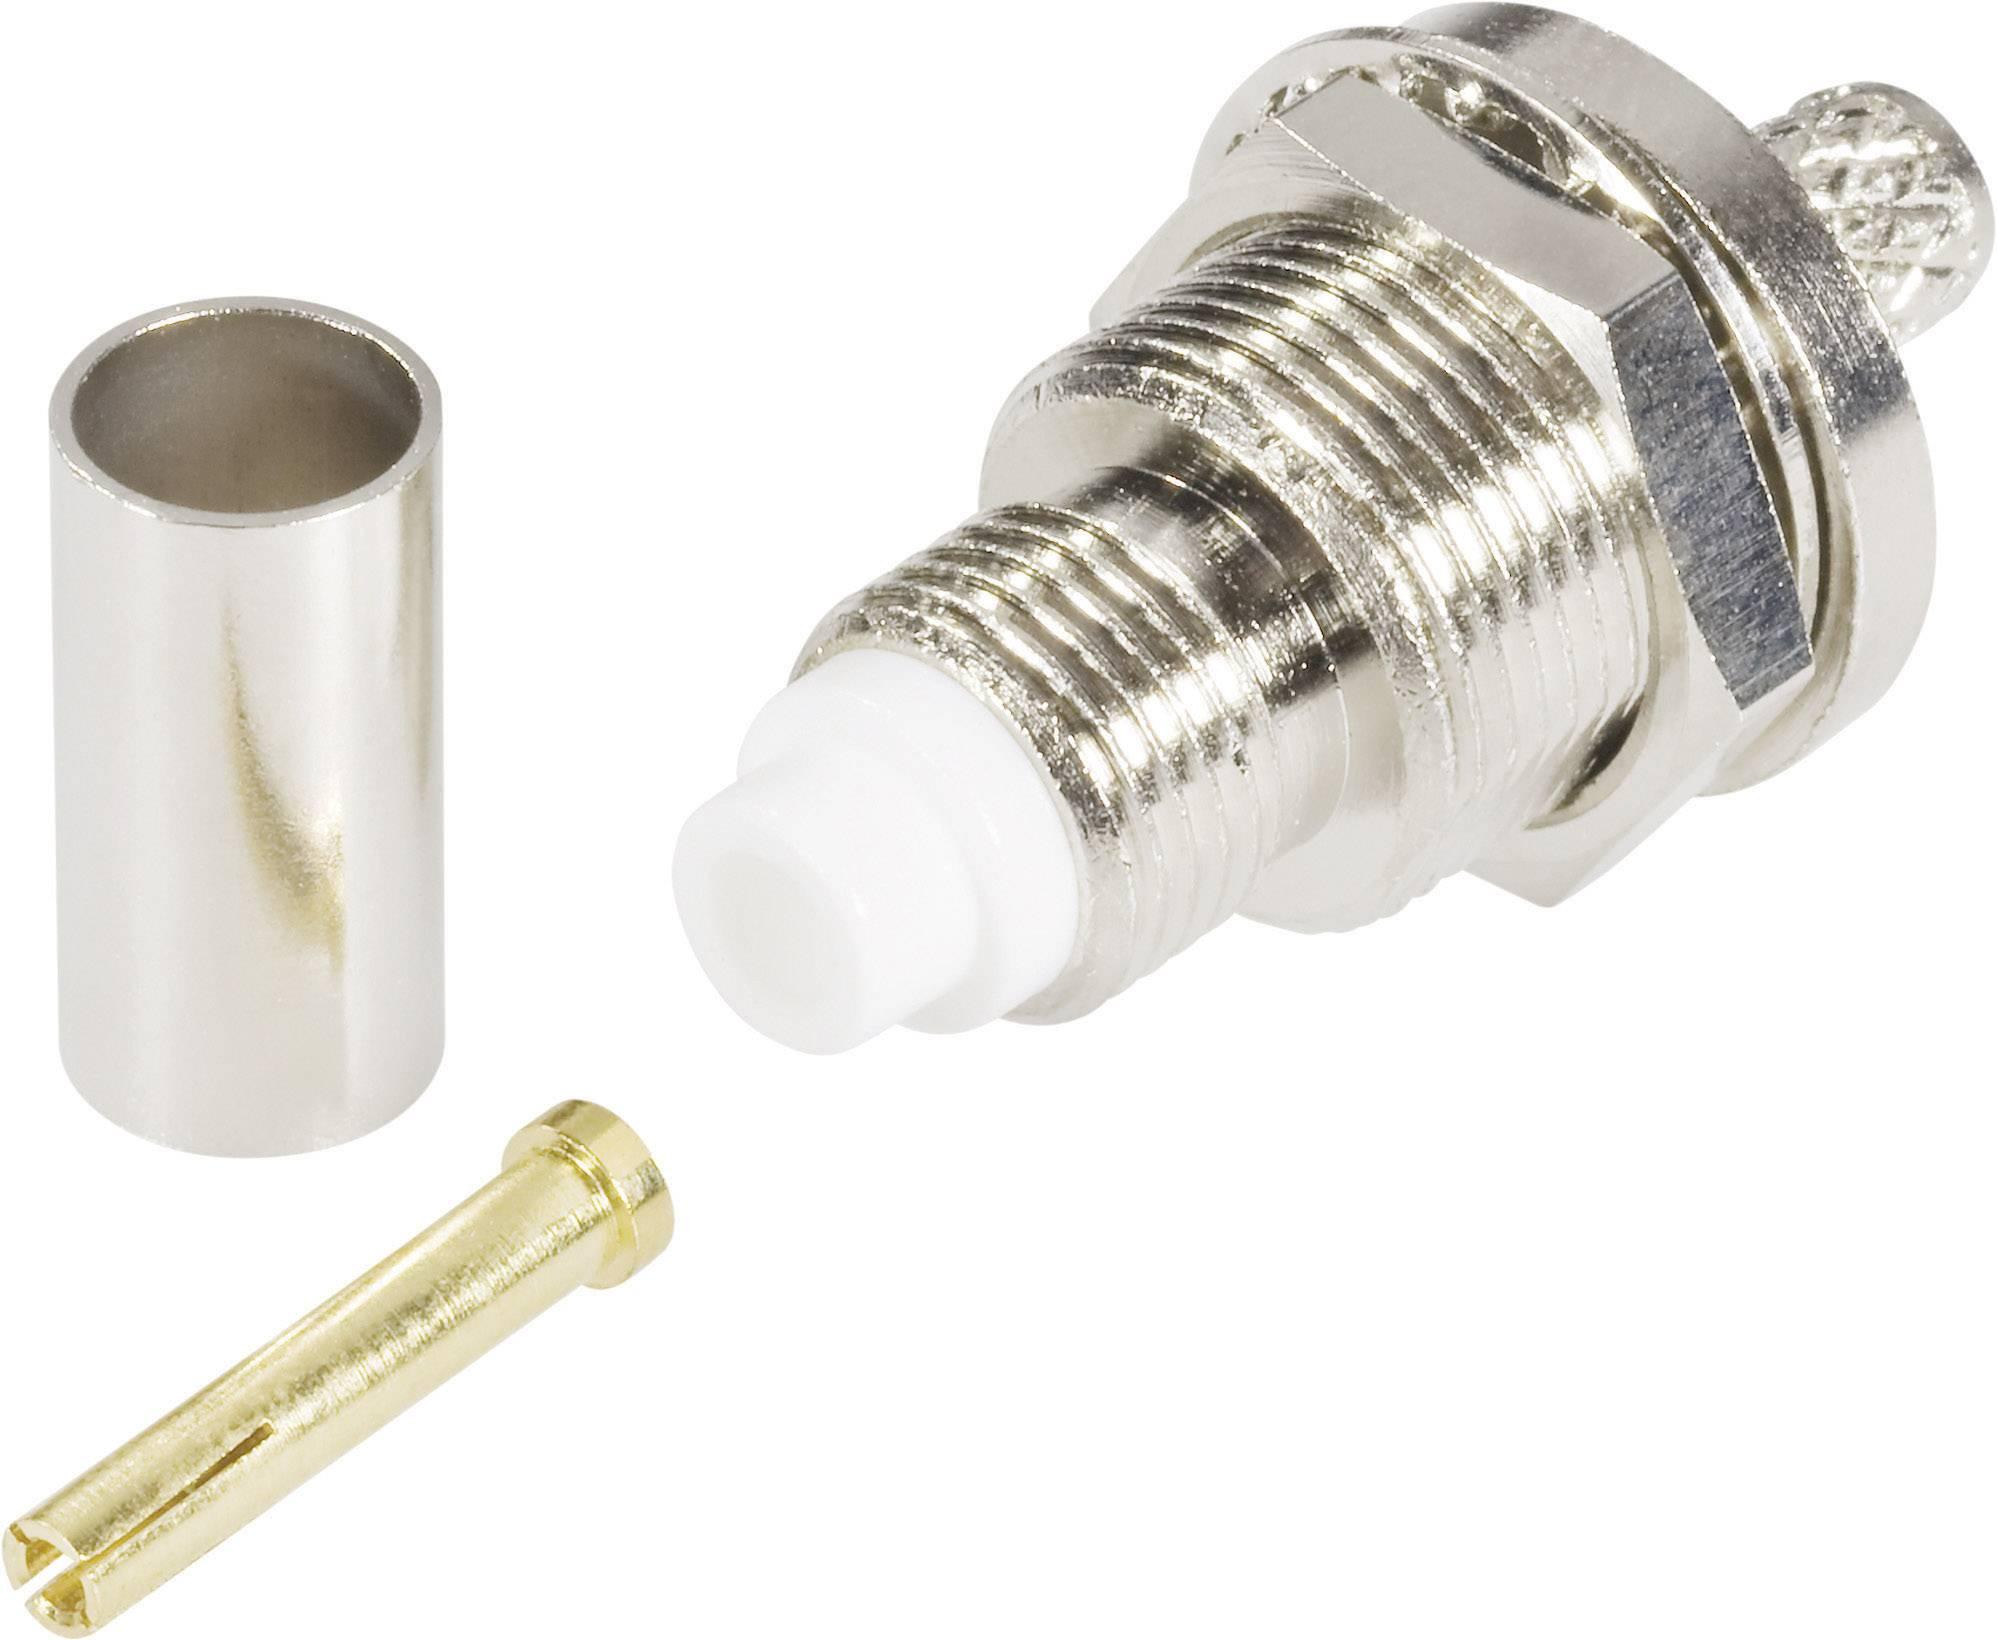 FME konektor - zásuvka, vestavná vertikální TRU COMPONENTS 5 mm, 1 ks